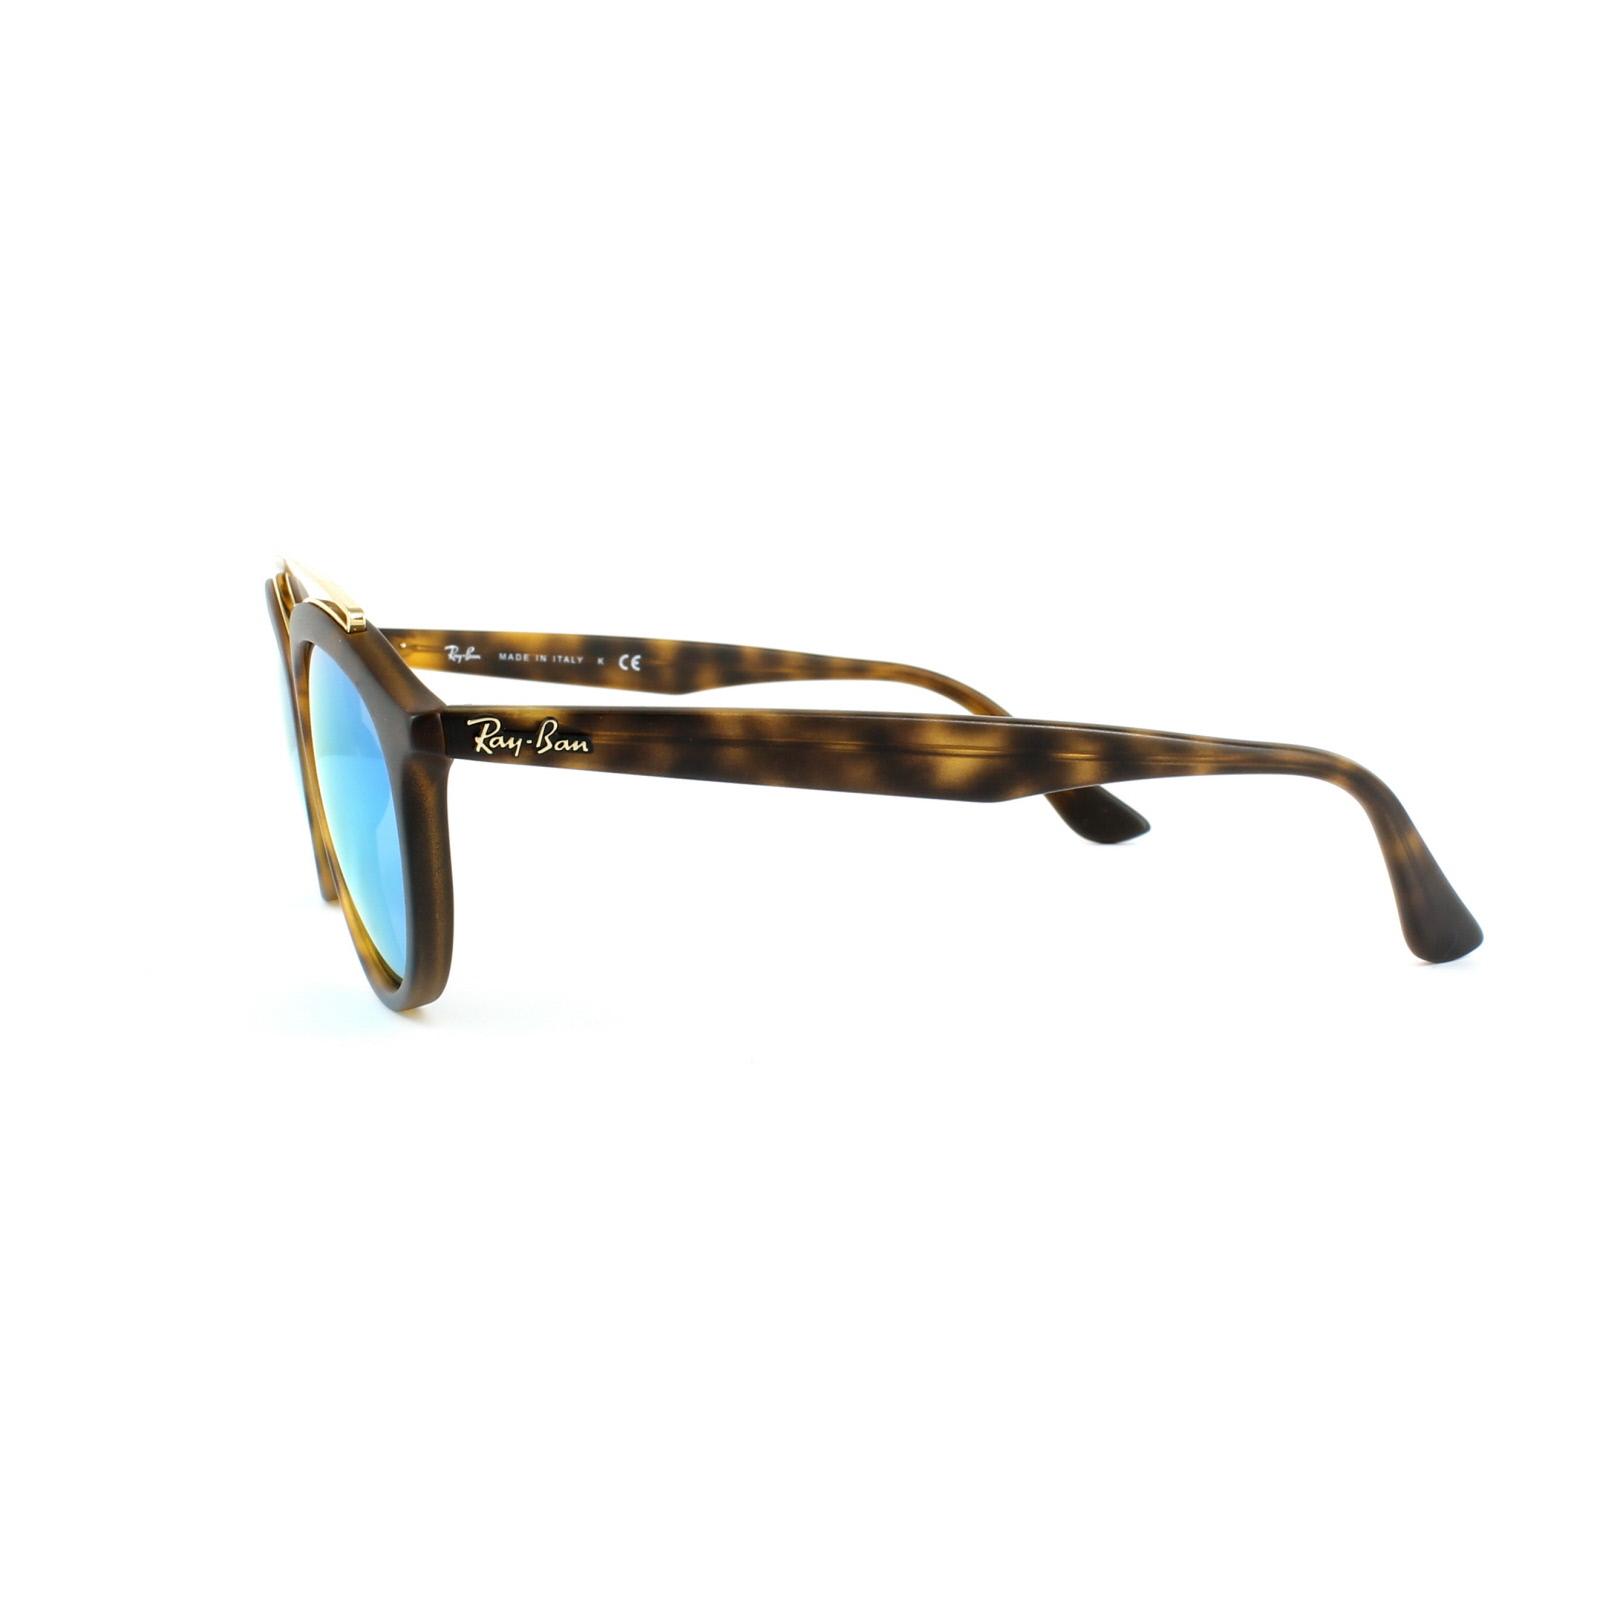 684dd55d42 Sentinel Ray-Ban Sunglasses New Gatsby 4257 609255 Matt Havana Blue Mirror  Large 53mm